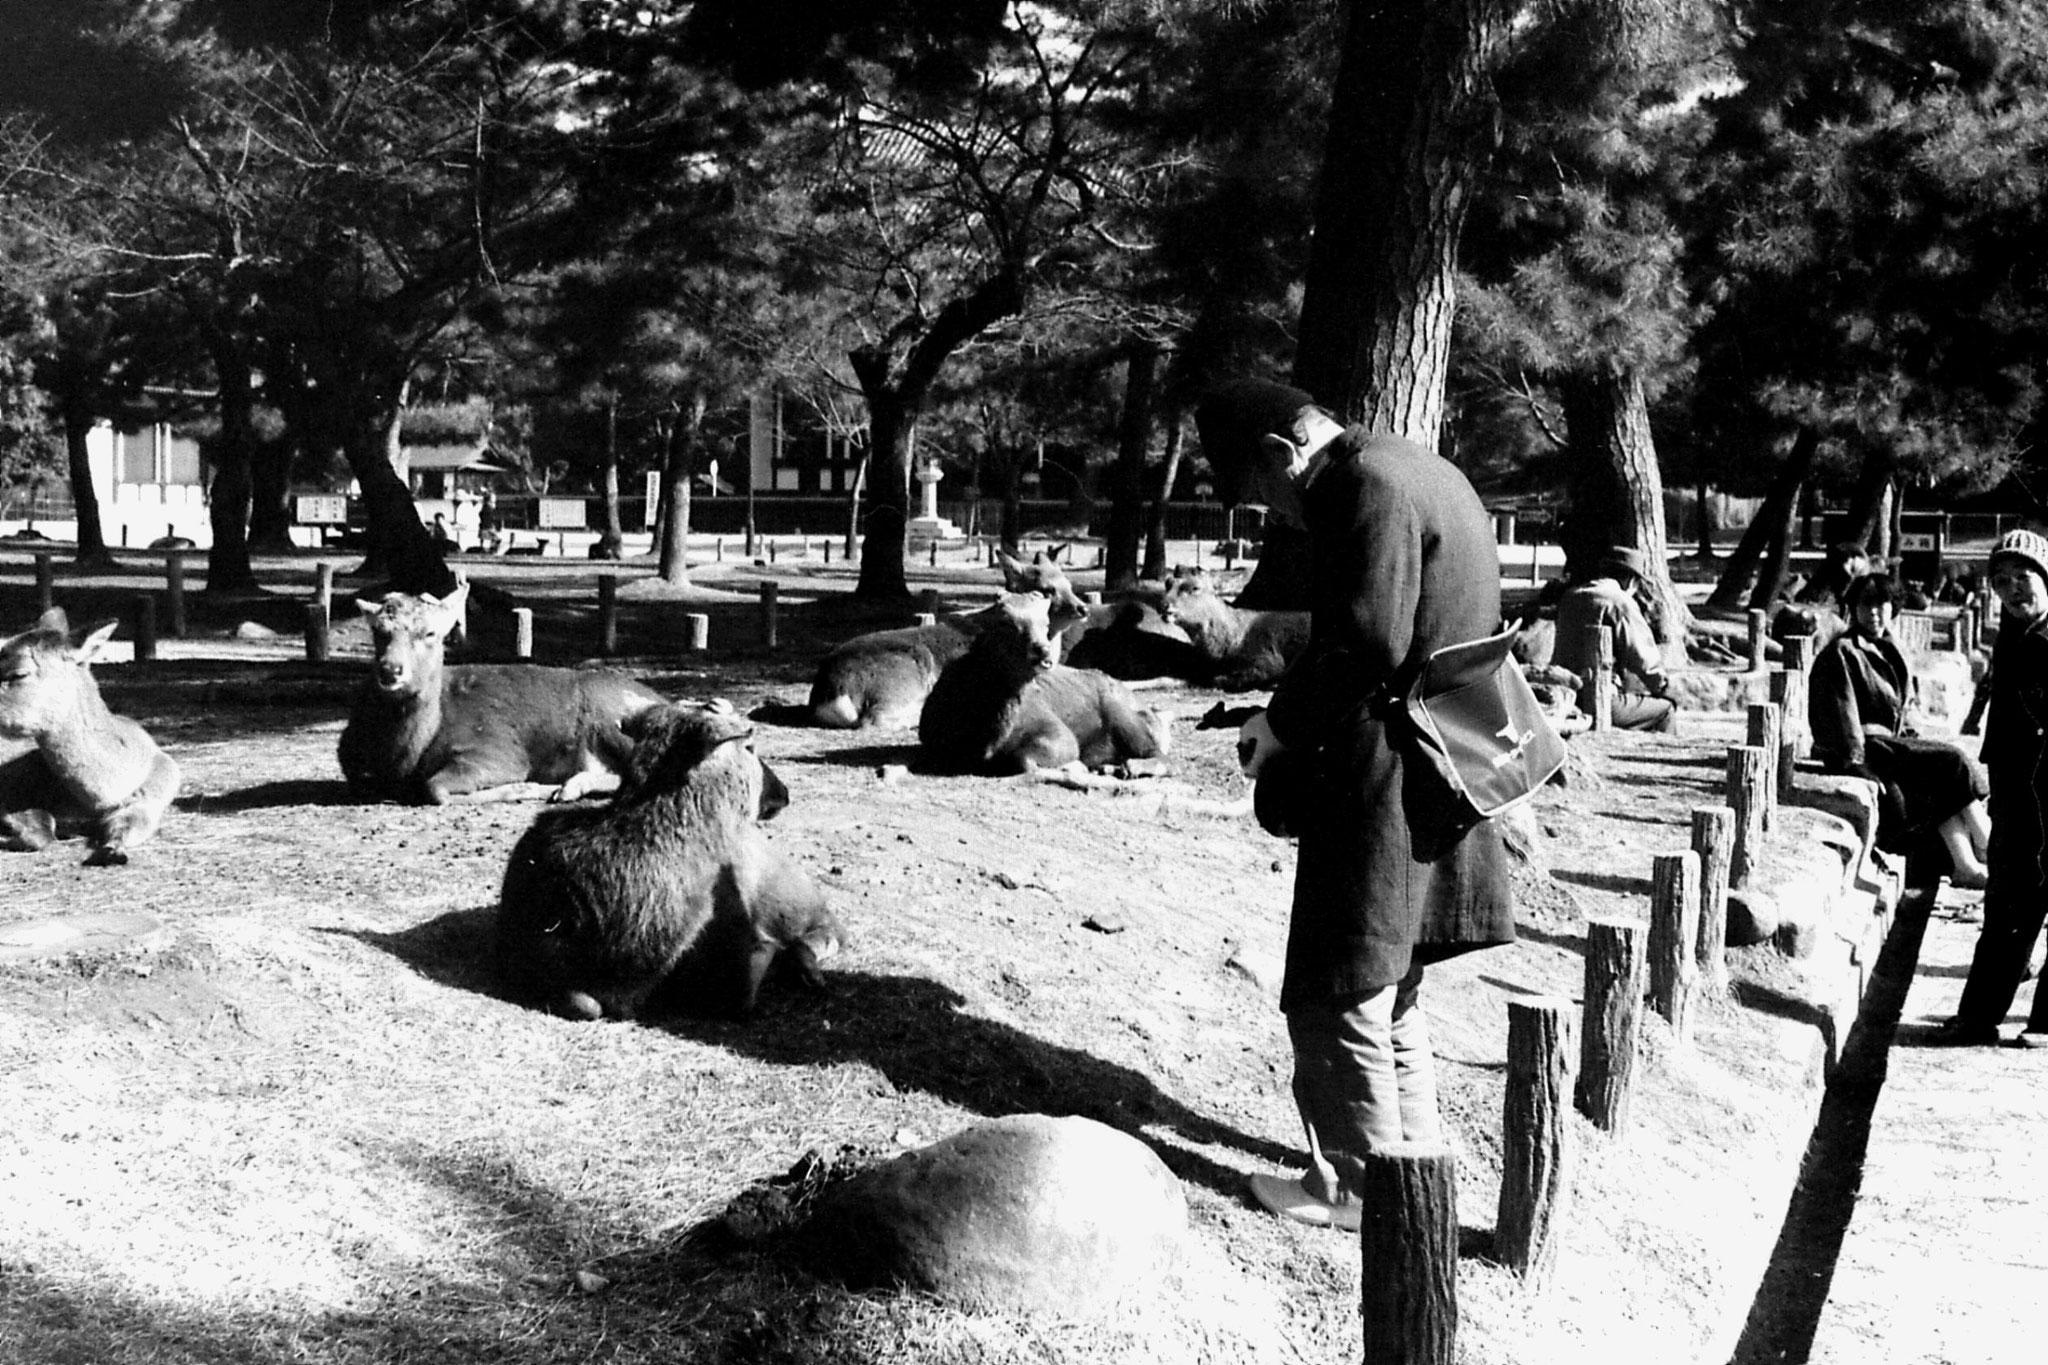 25/1/1989: 27:Nara